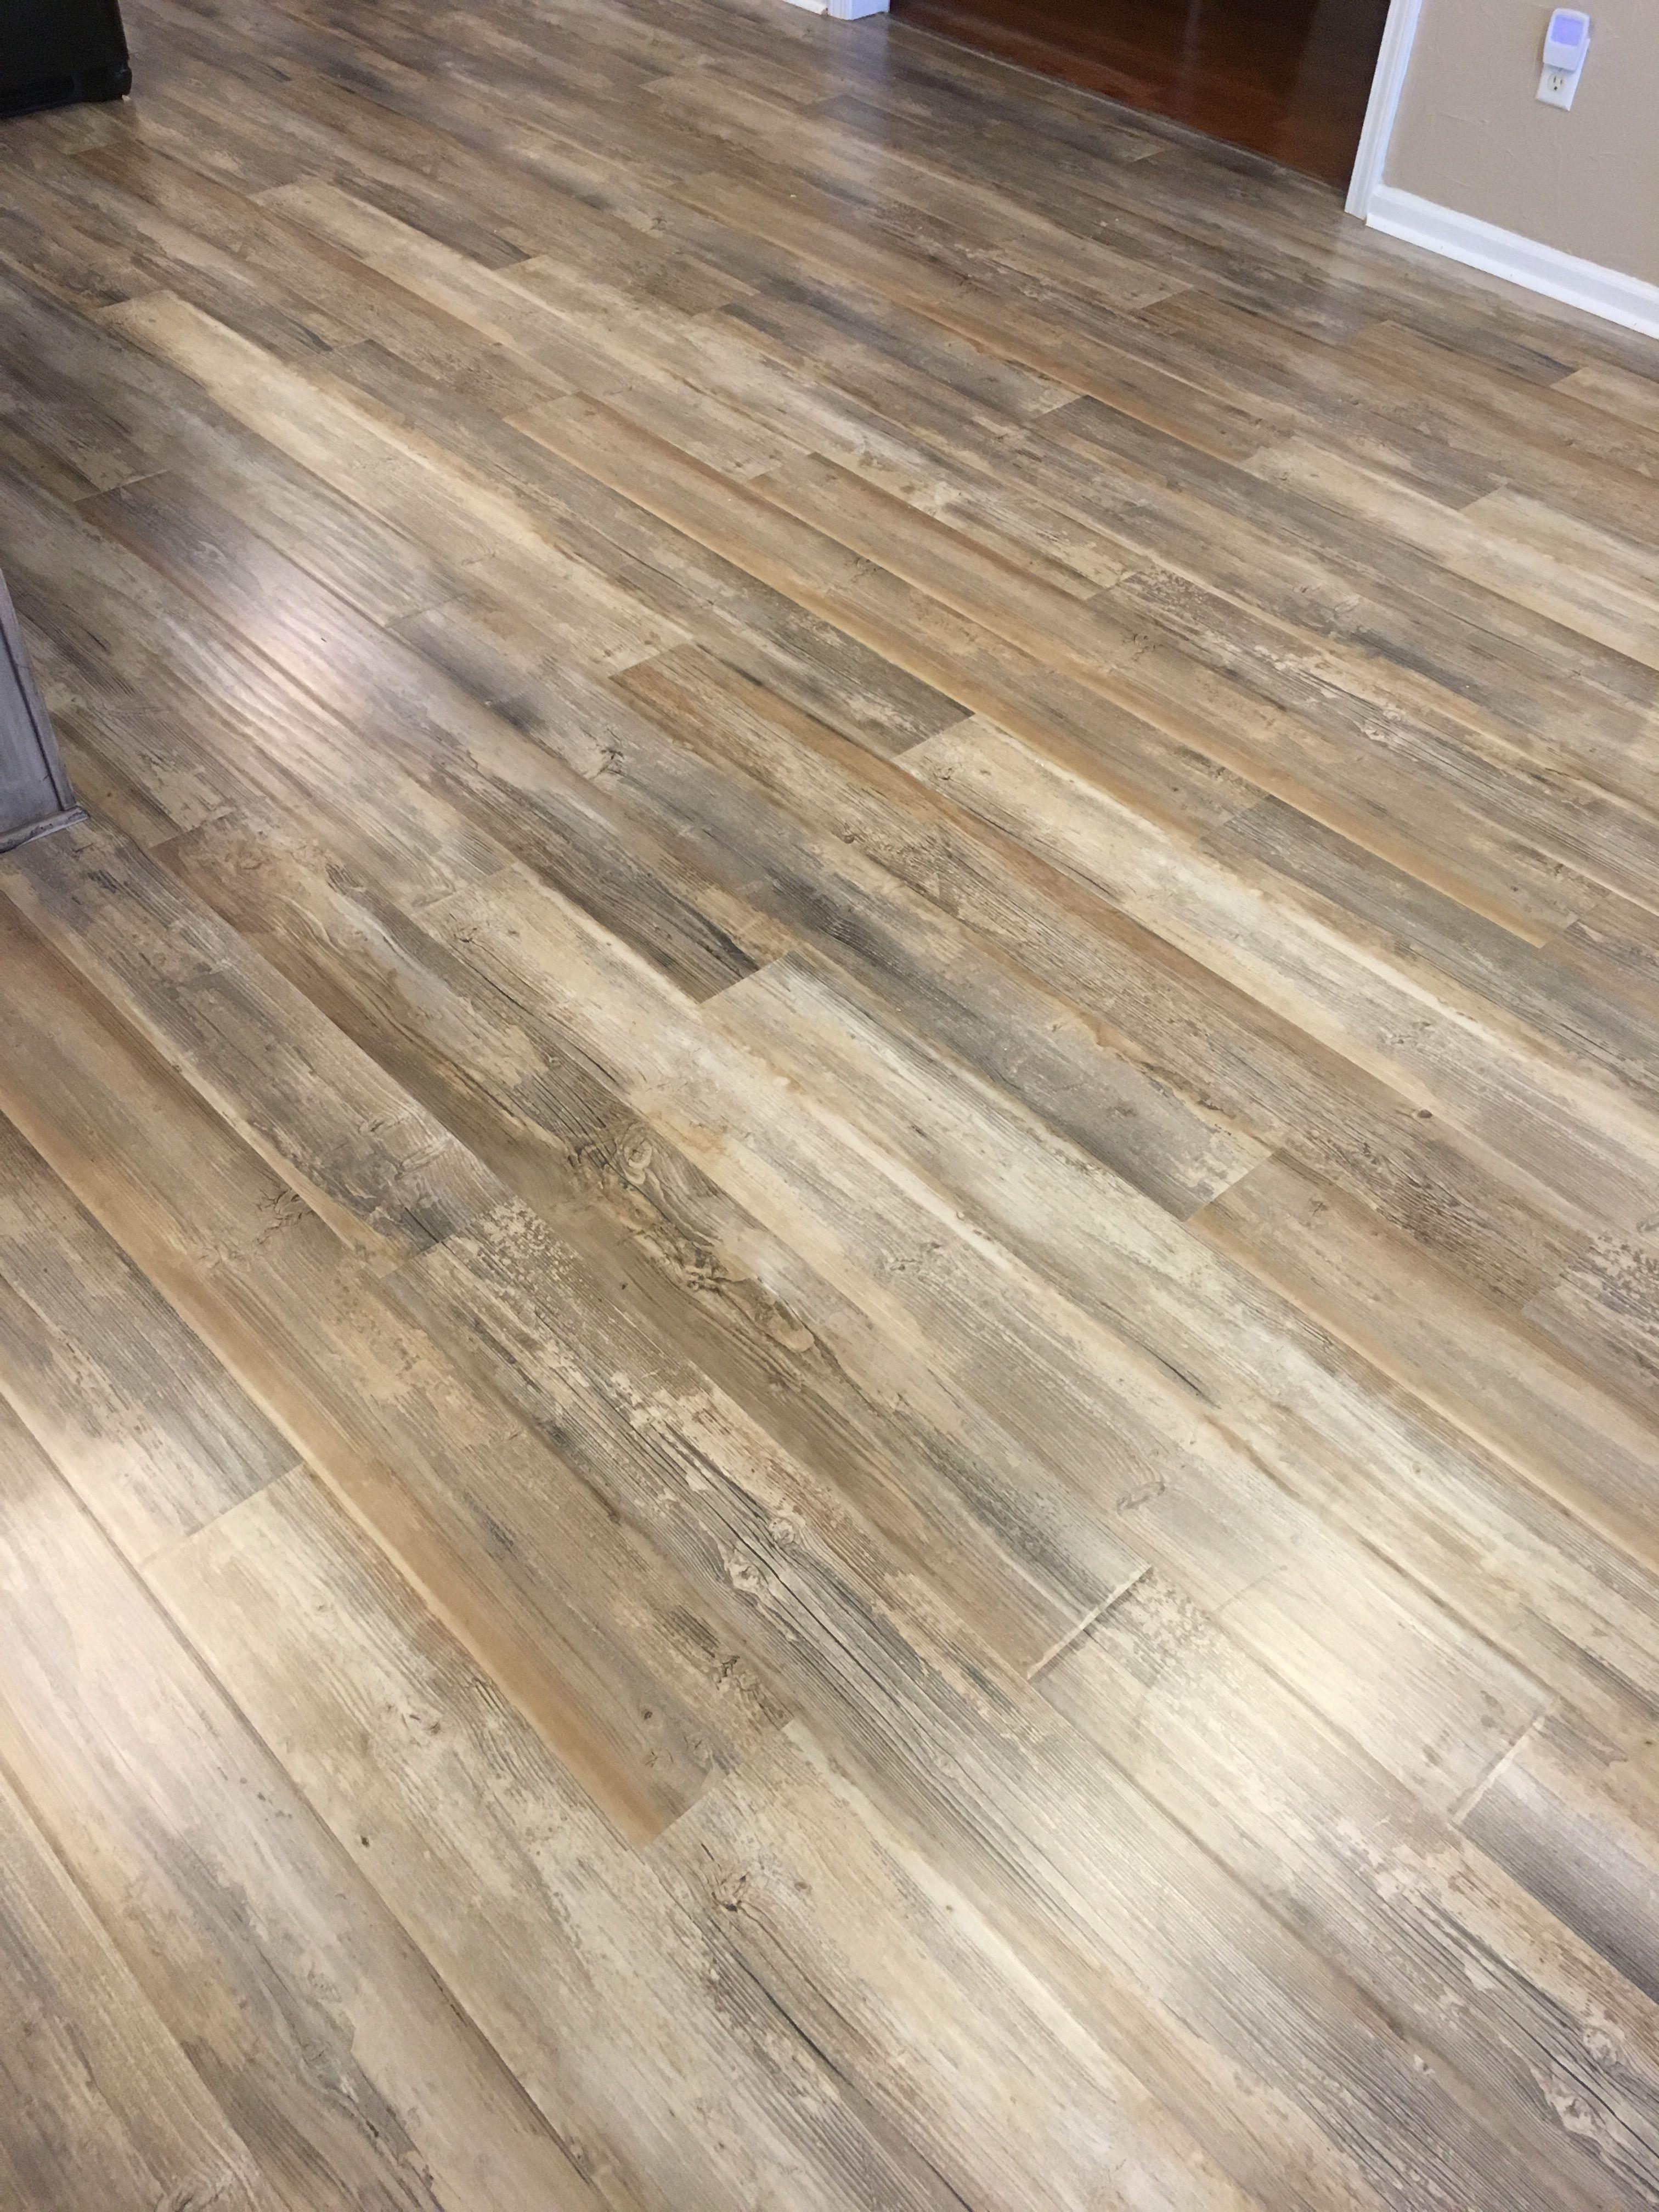 Trending Flooring Memphis Tn Contractors Tennesee Midsouth Flooring Floor Installation Flooring Trends